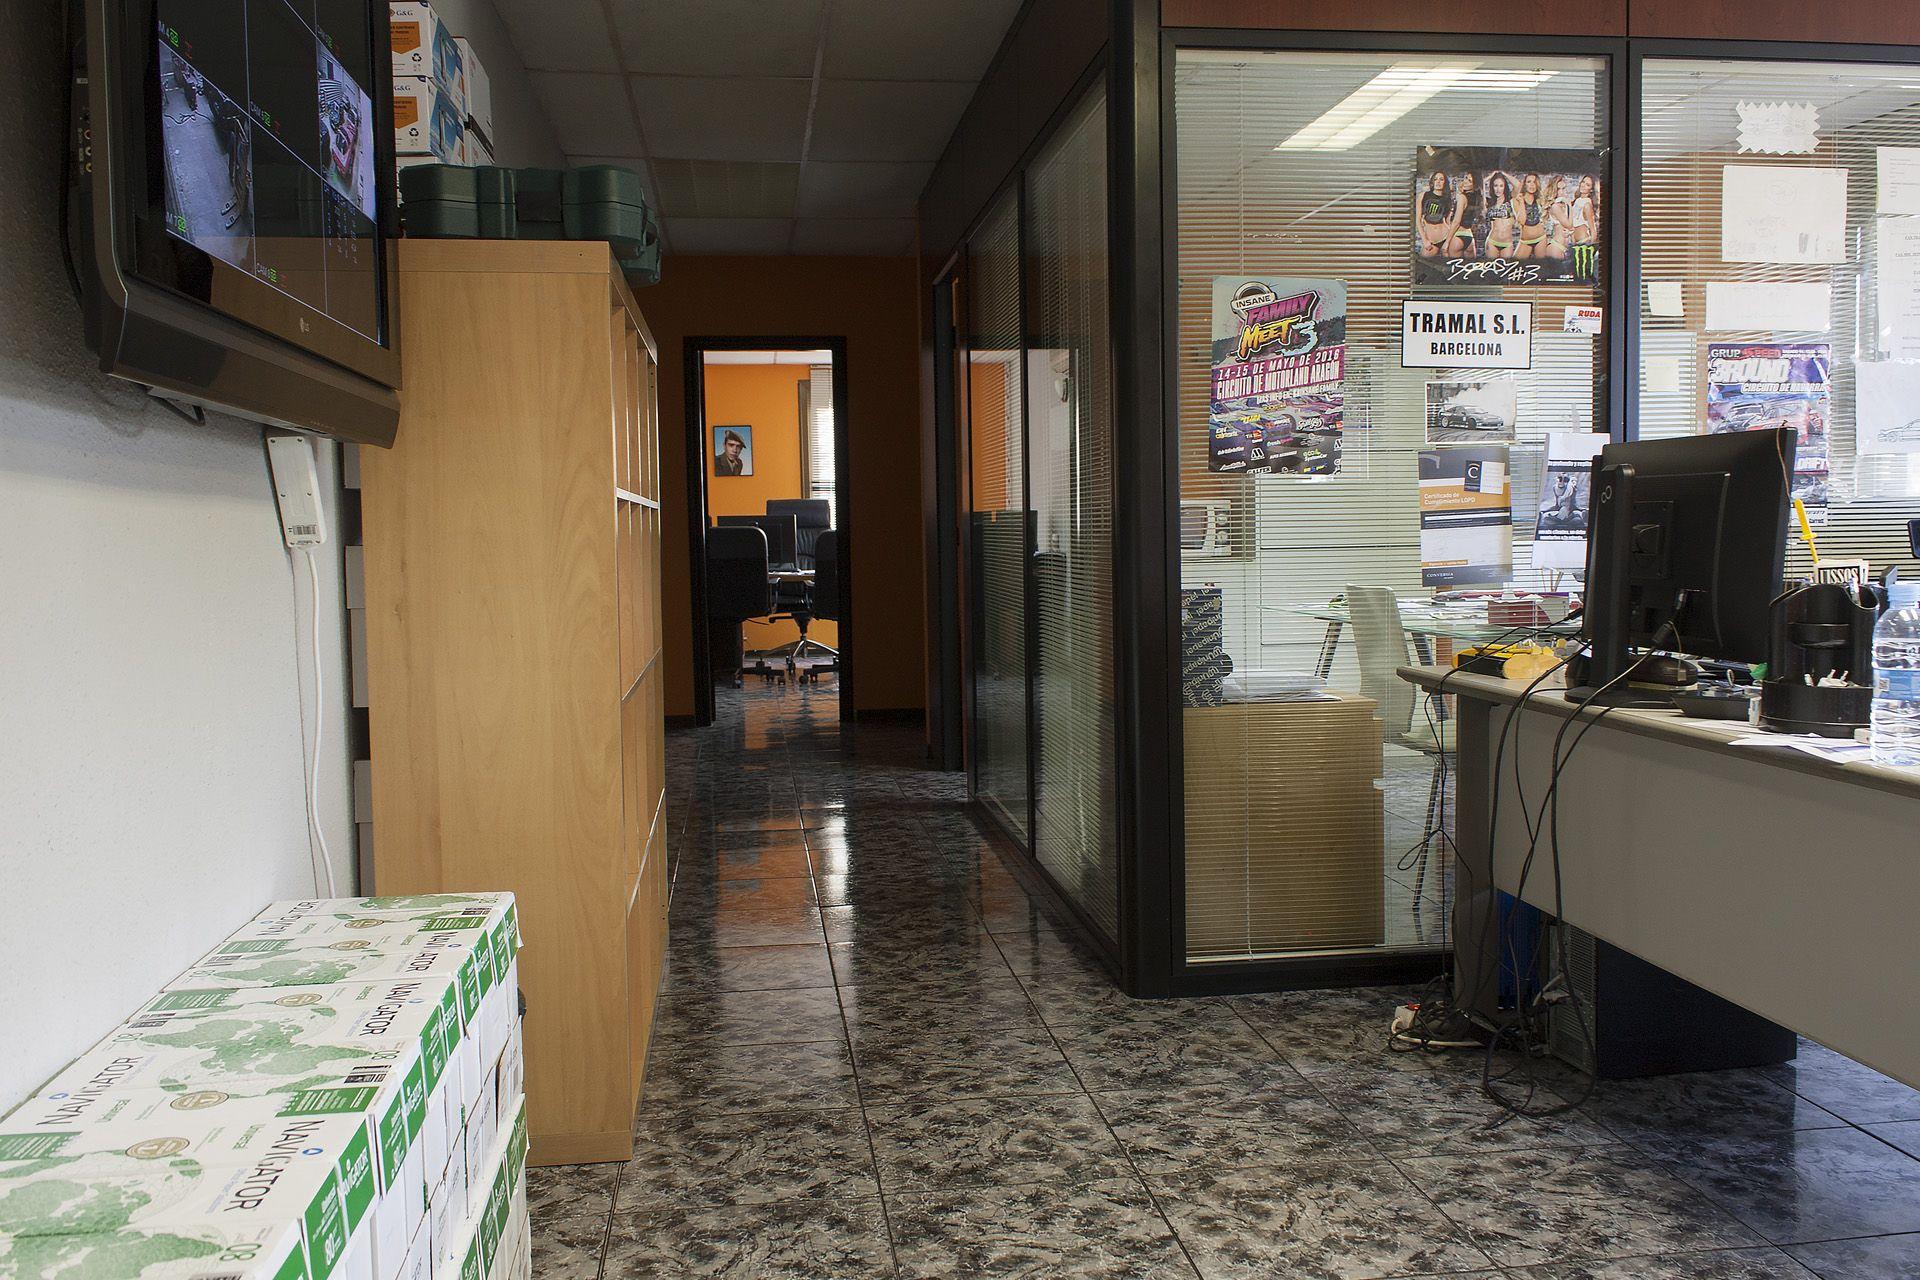 Transporte de contenedores en Tarragona